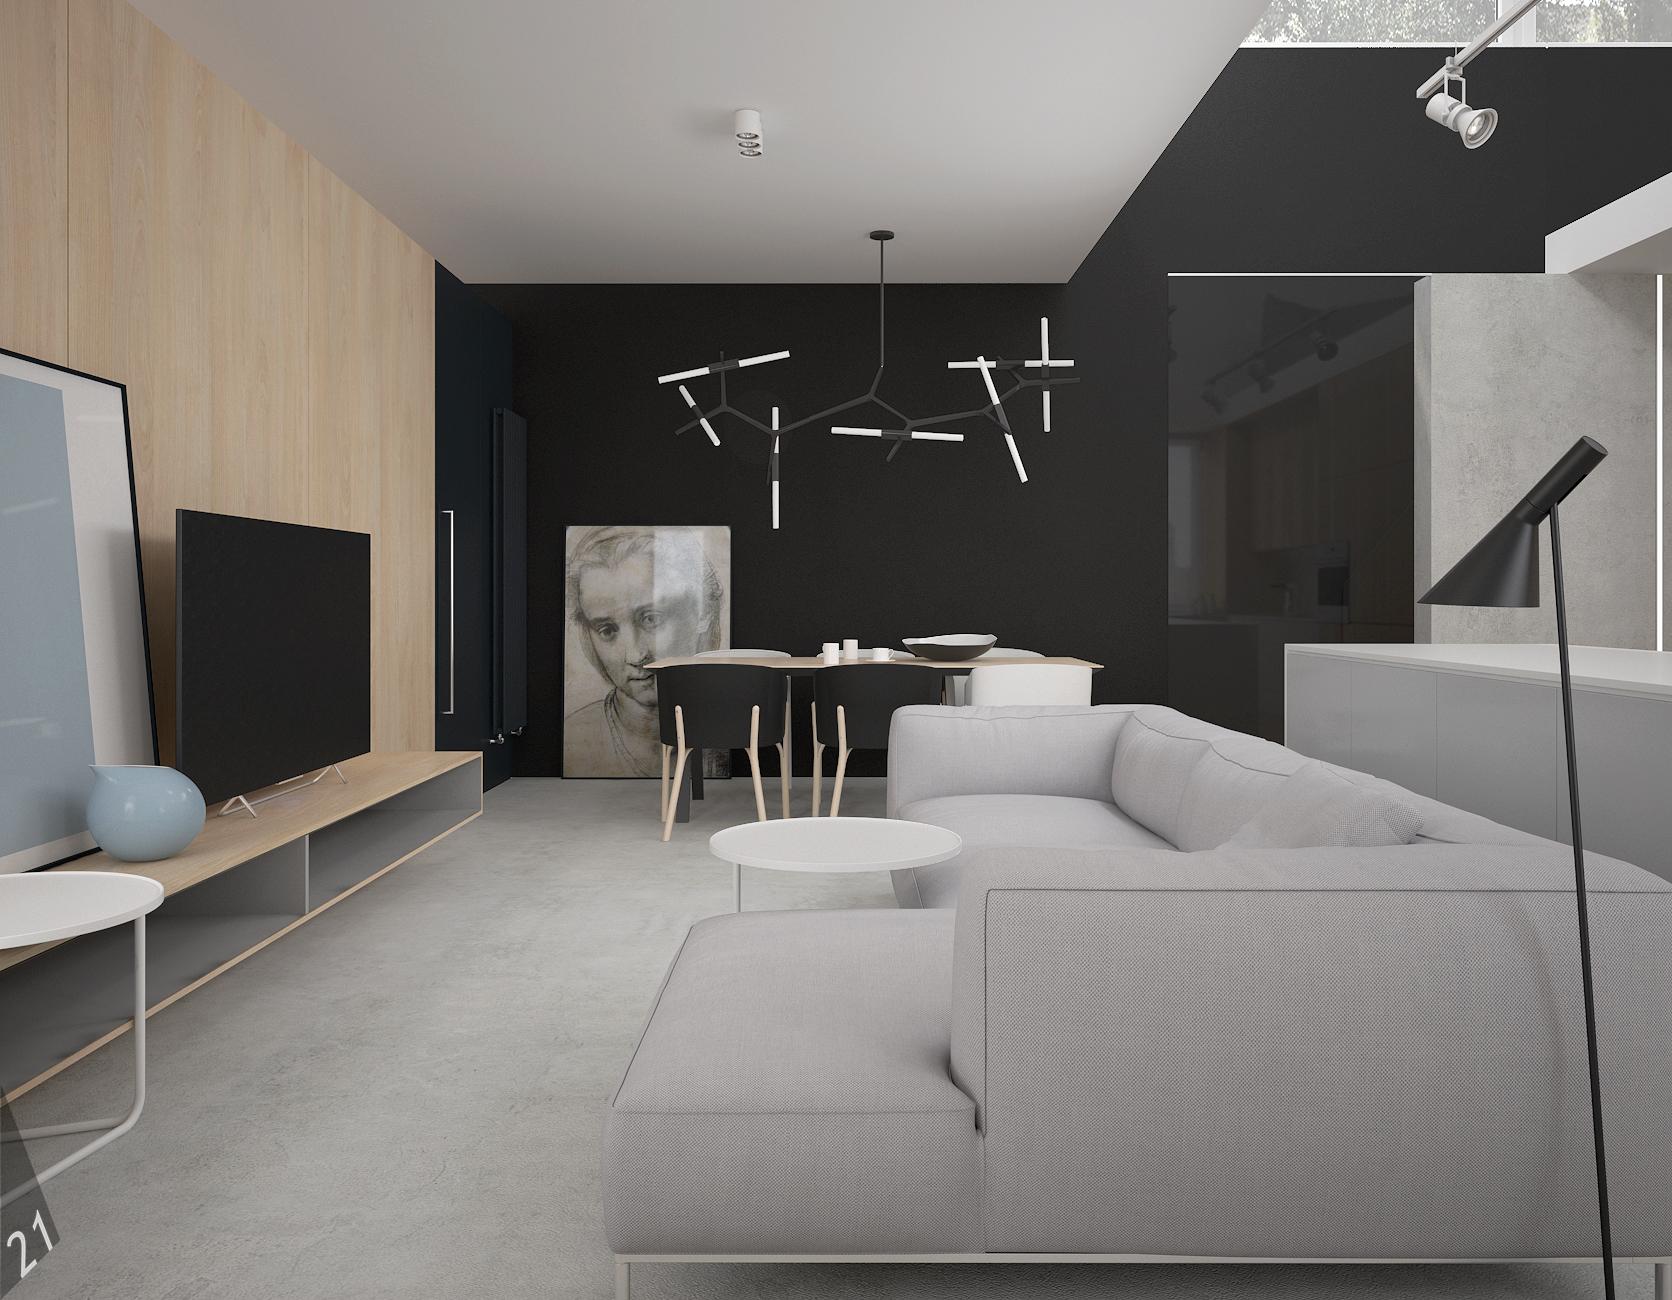 3 projektant wnetrz D372 dom z antresola katowice salon grafitowa sciana szara sofa beton posadzka drewno sciana